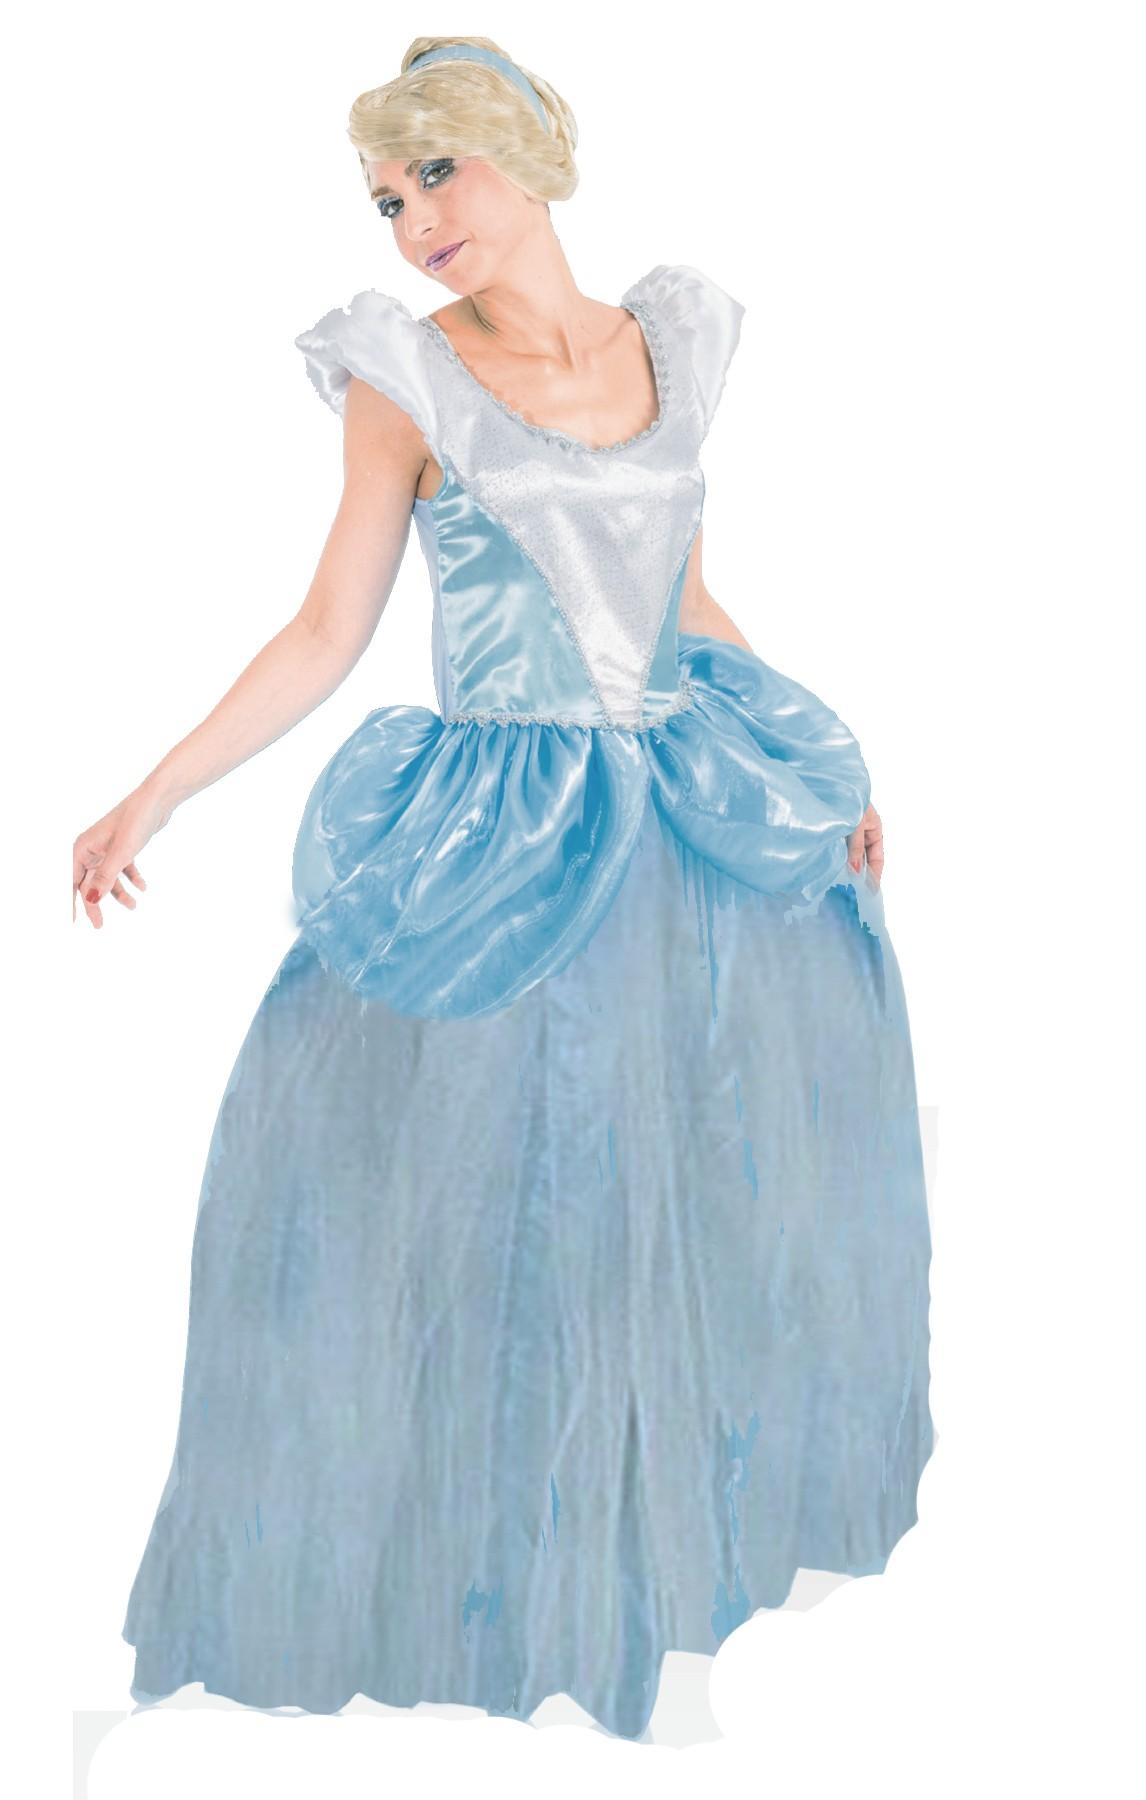 848e646abfbb Vestito di carnevale adulta Principessa azzurra Cinderella lungo